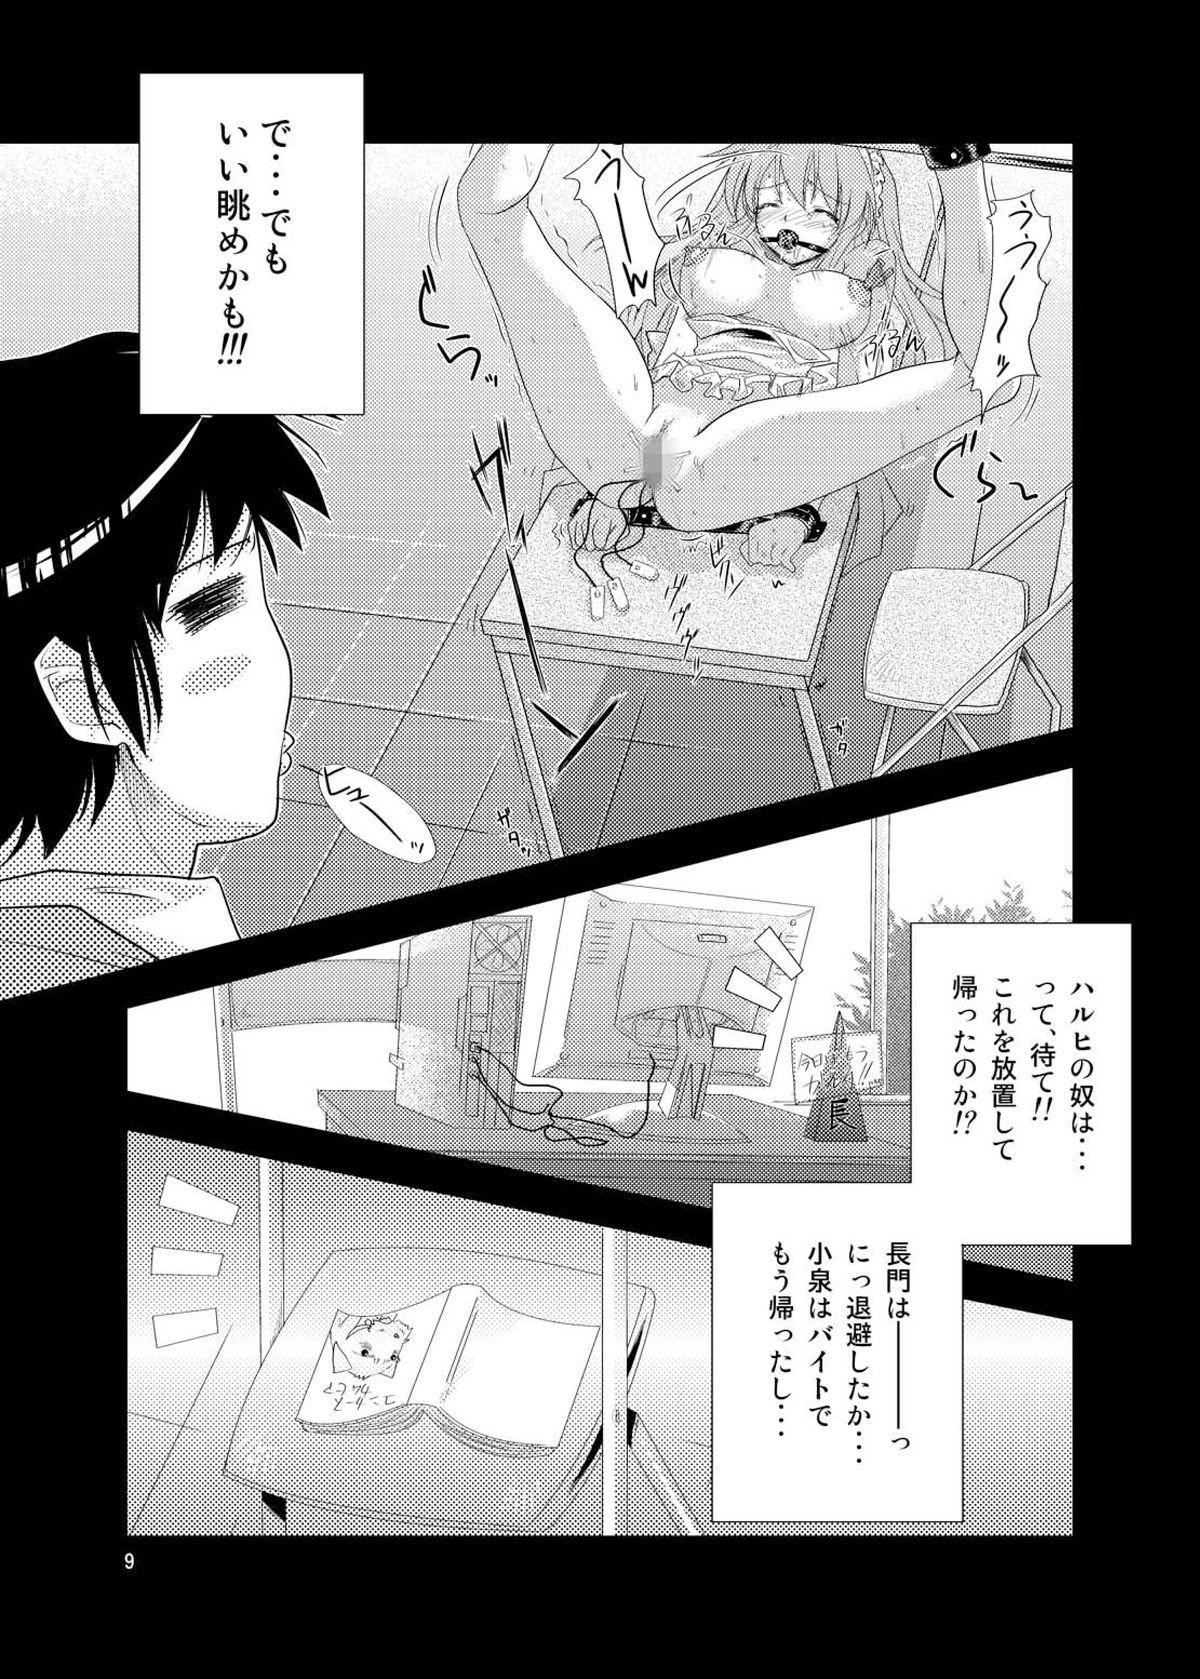 Mikuru Kuru Kuru 8